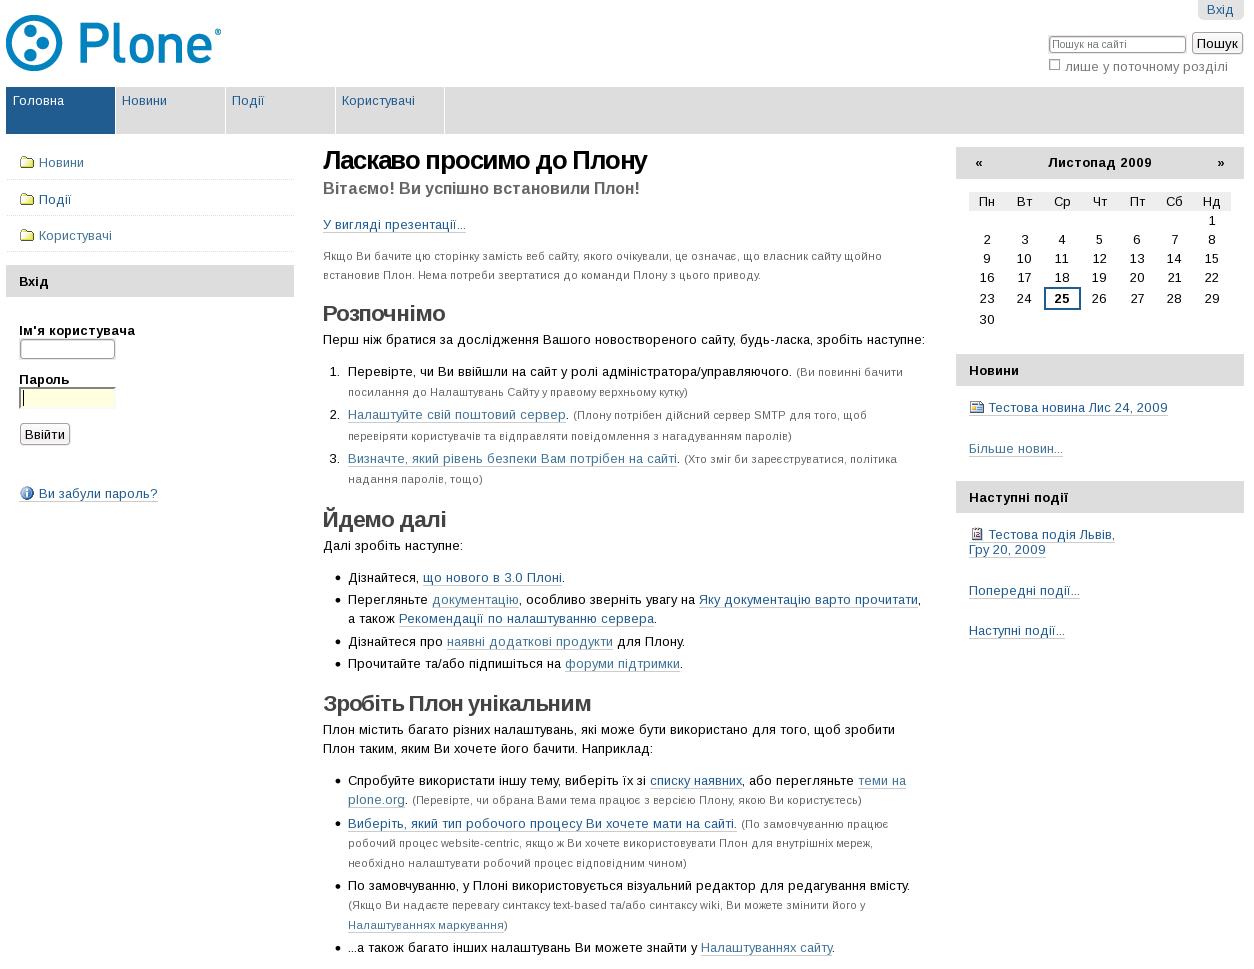 Новий великий реліз Плону 4.0